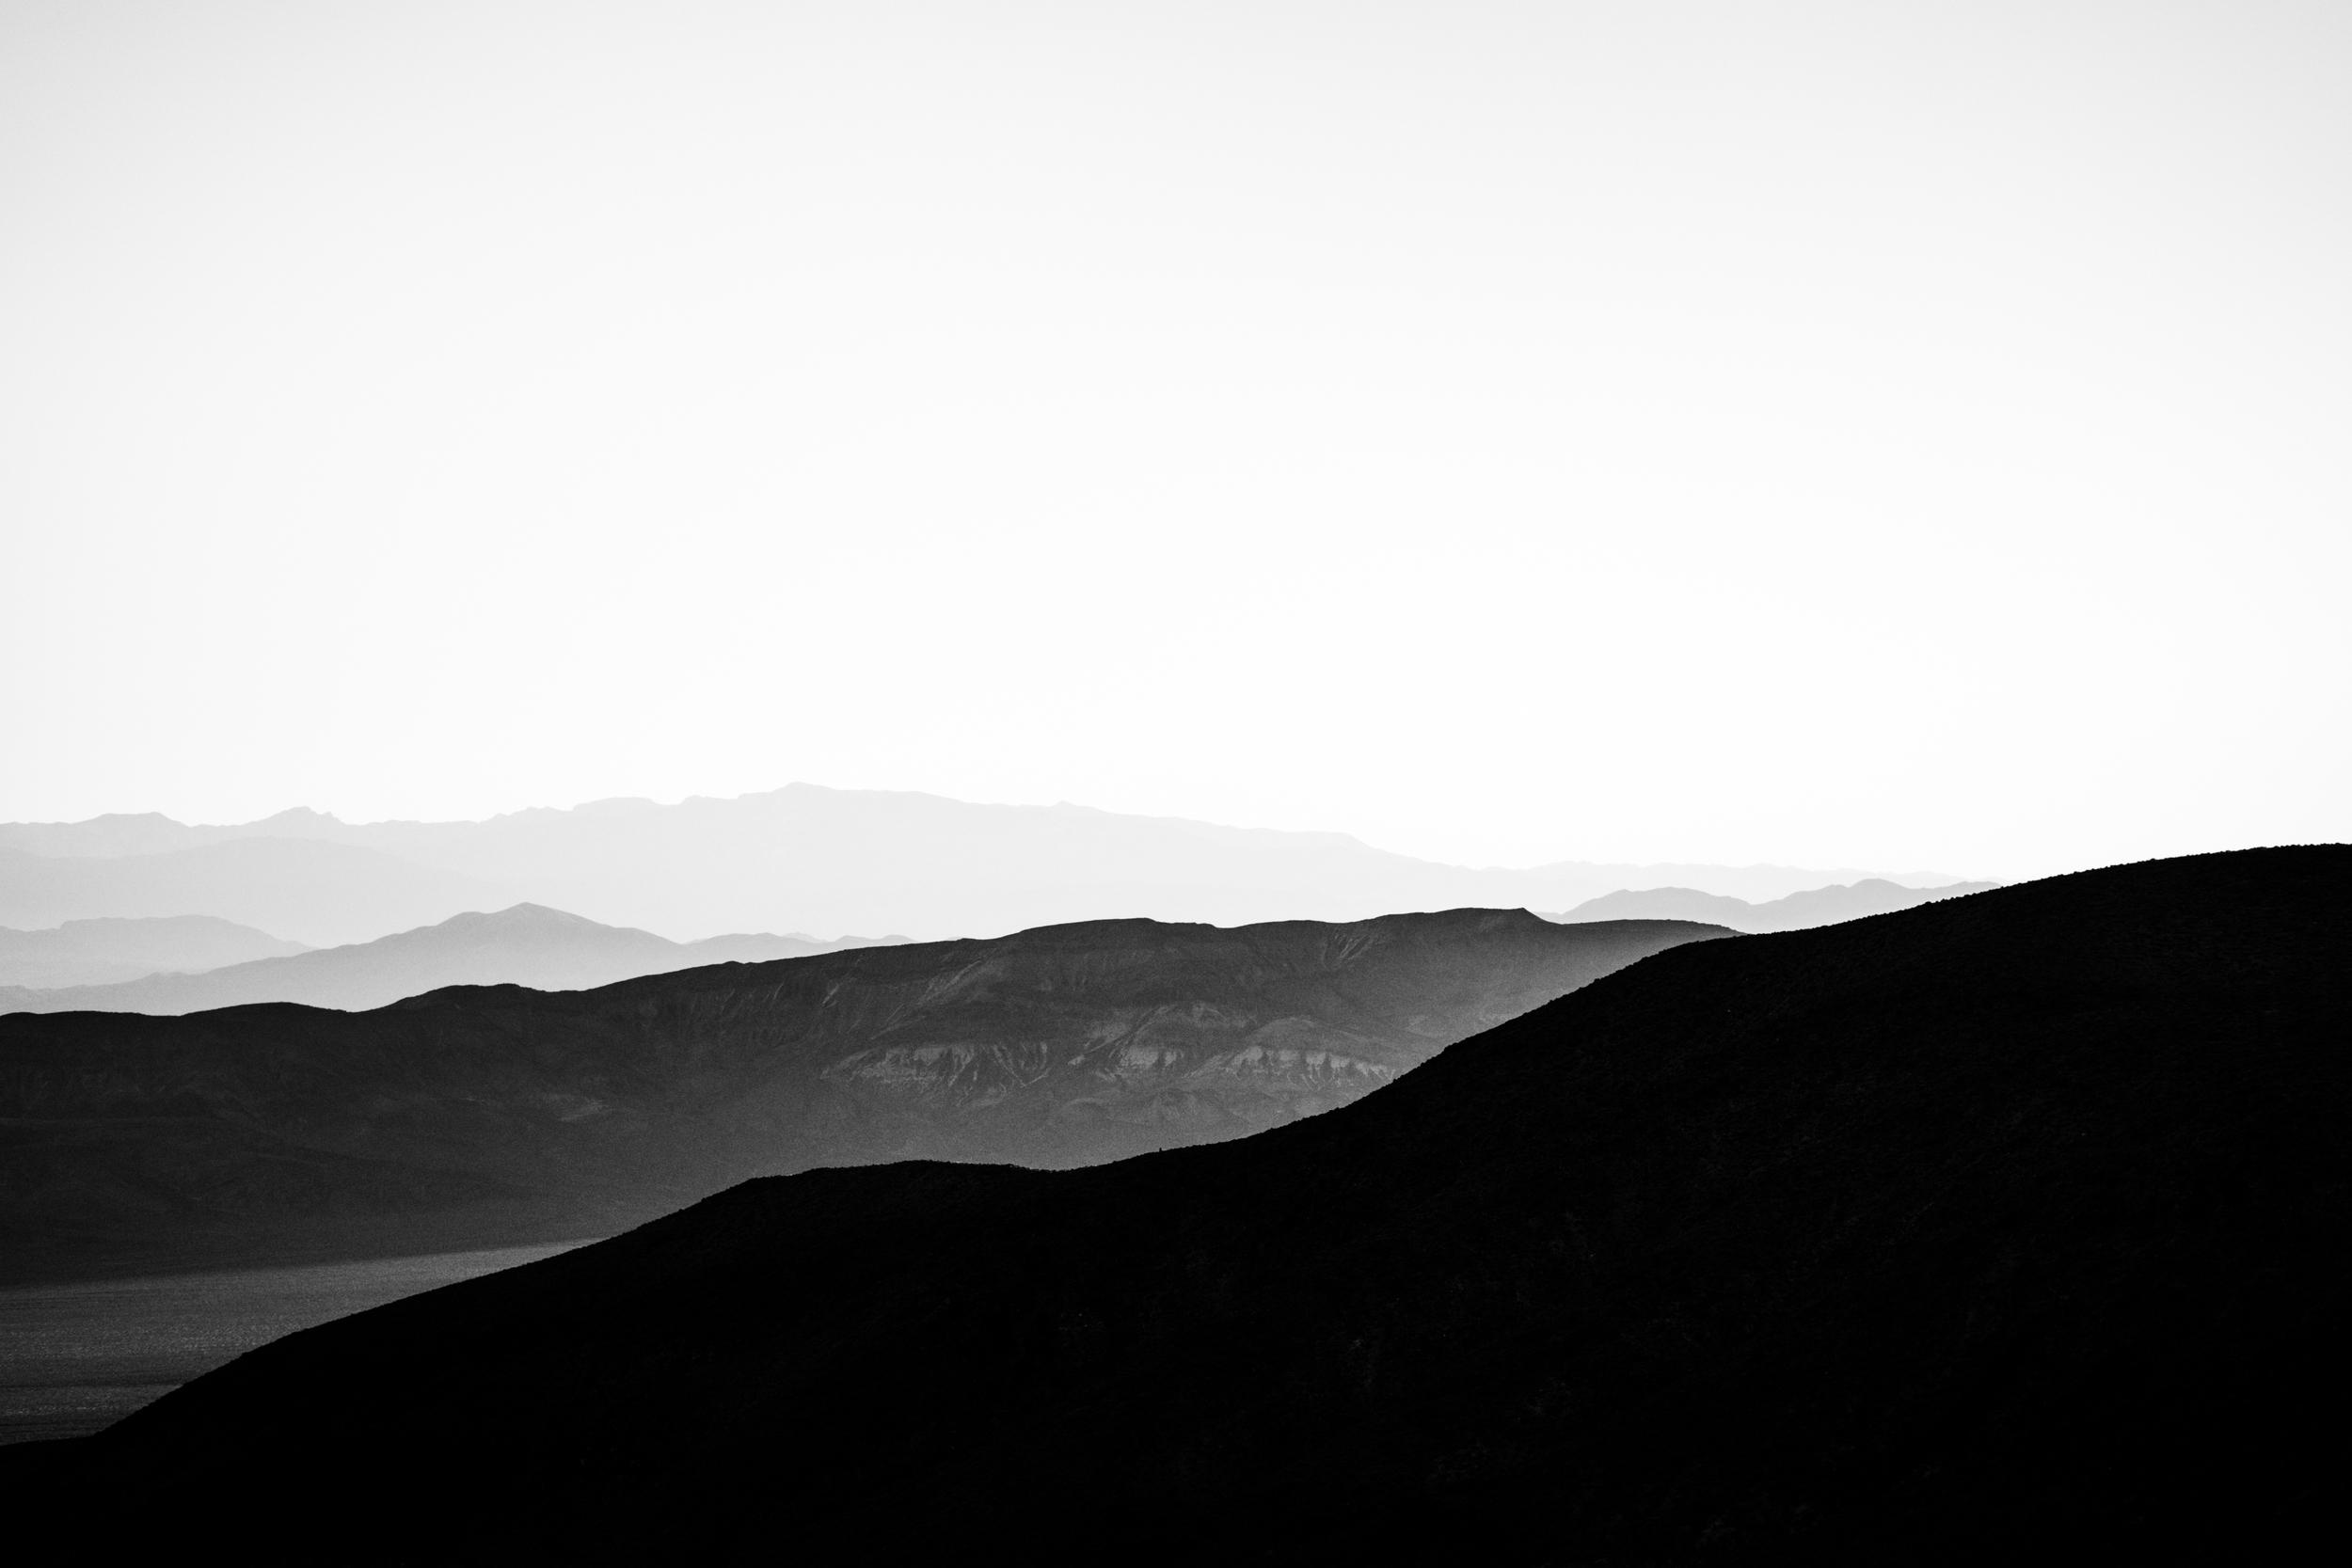 deathvalley-3284.jpg